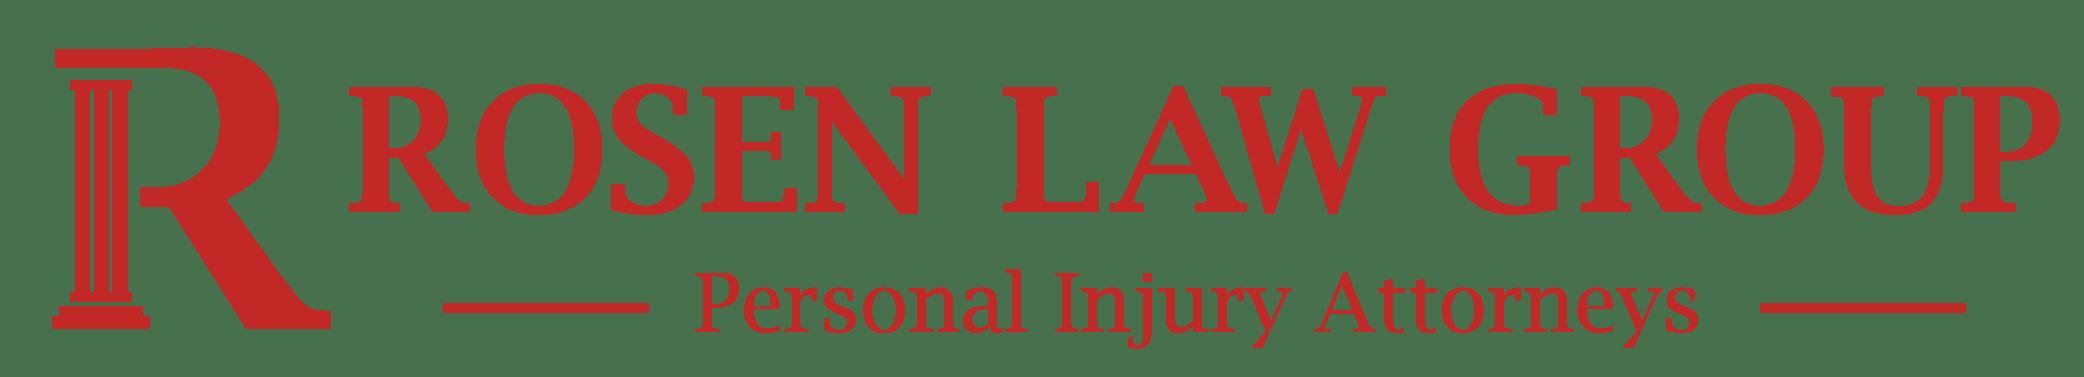 Rosen Law Group